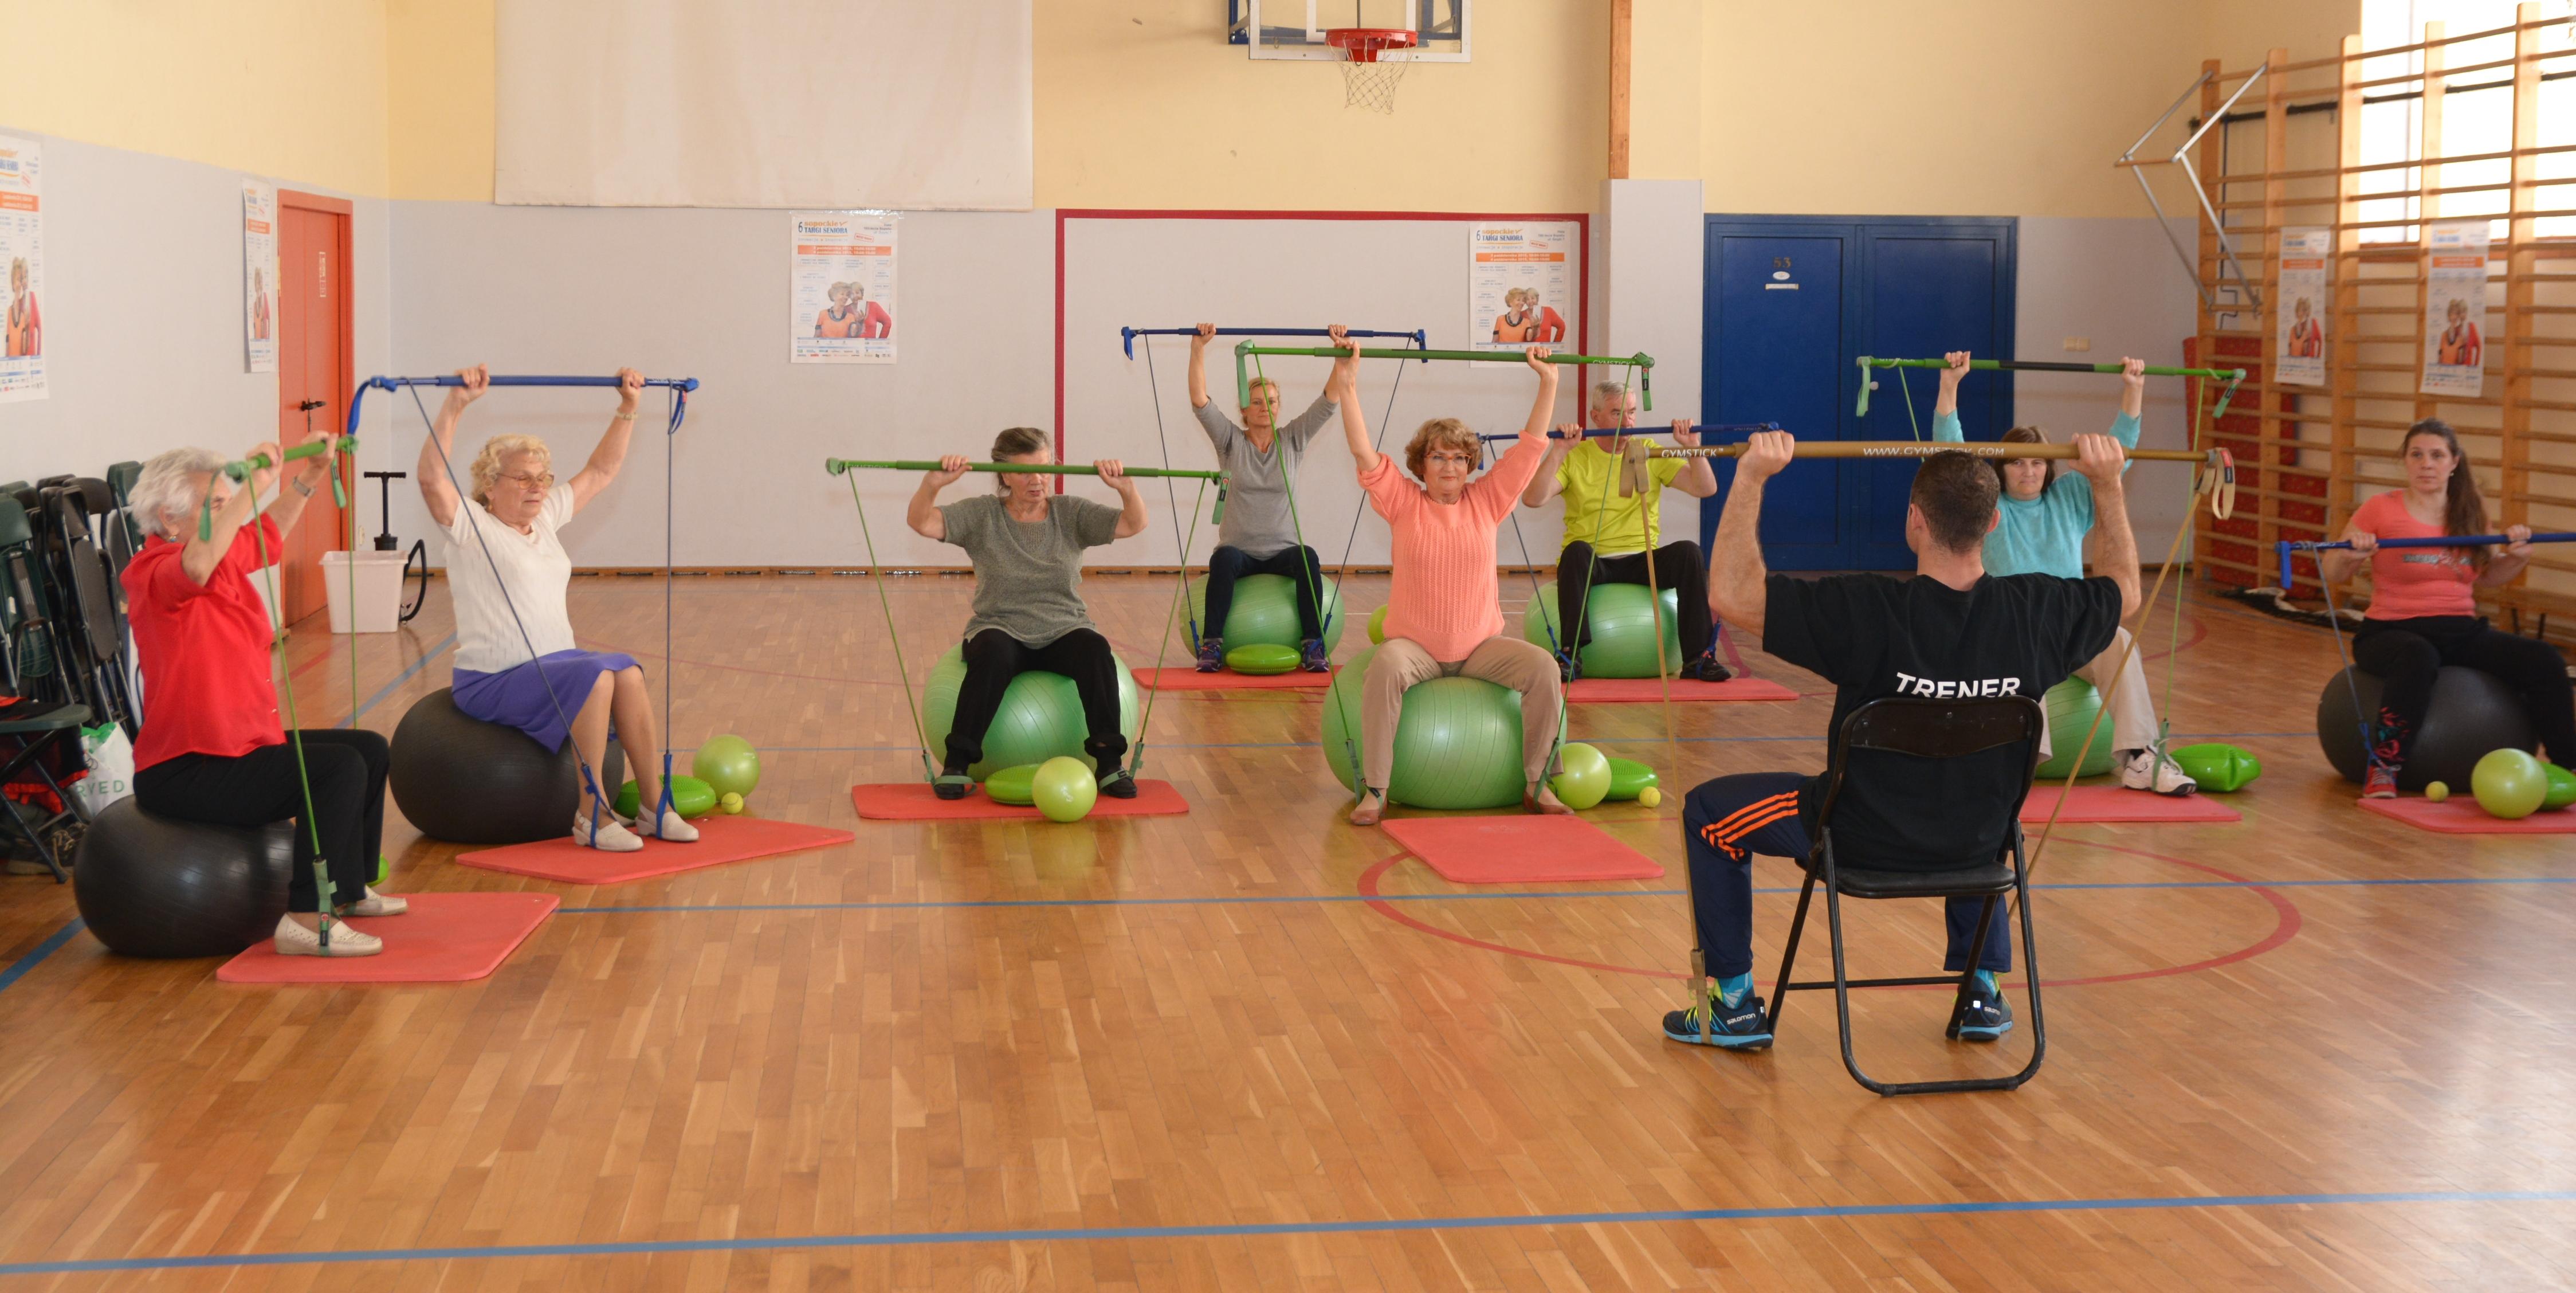 grupa seniorów siedzi na piłkach naprzeciw trenera i ćwiczy podnosząc do góry drążki